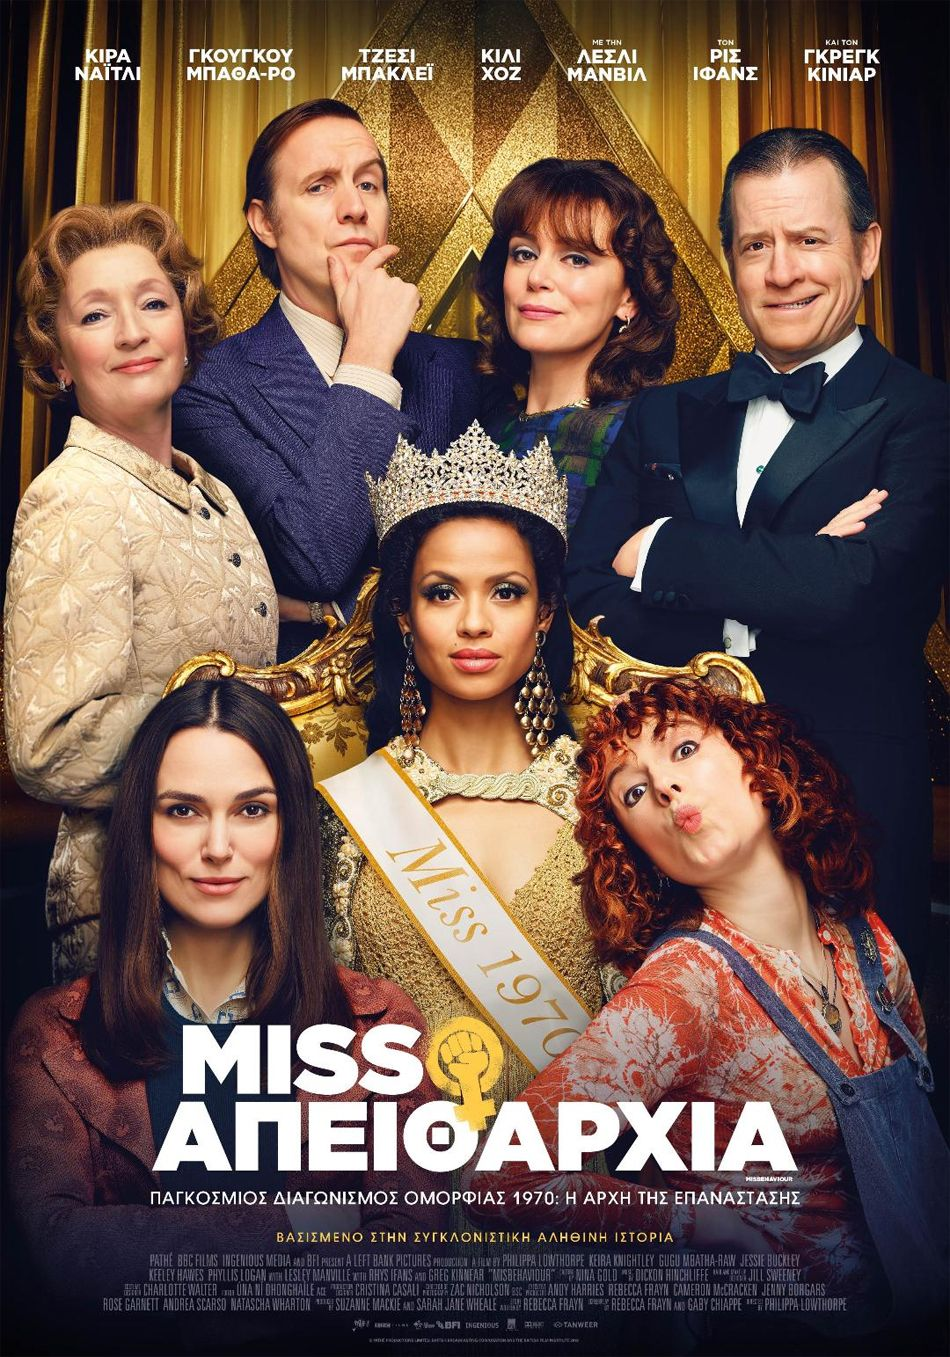 Miss Απειθαρχία (Misbehaviour) Poster